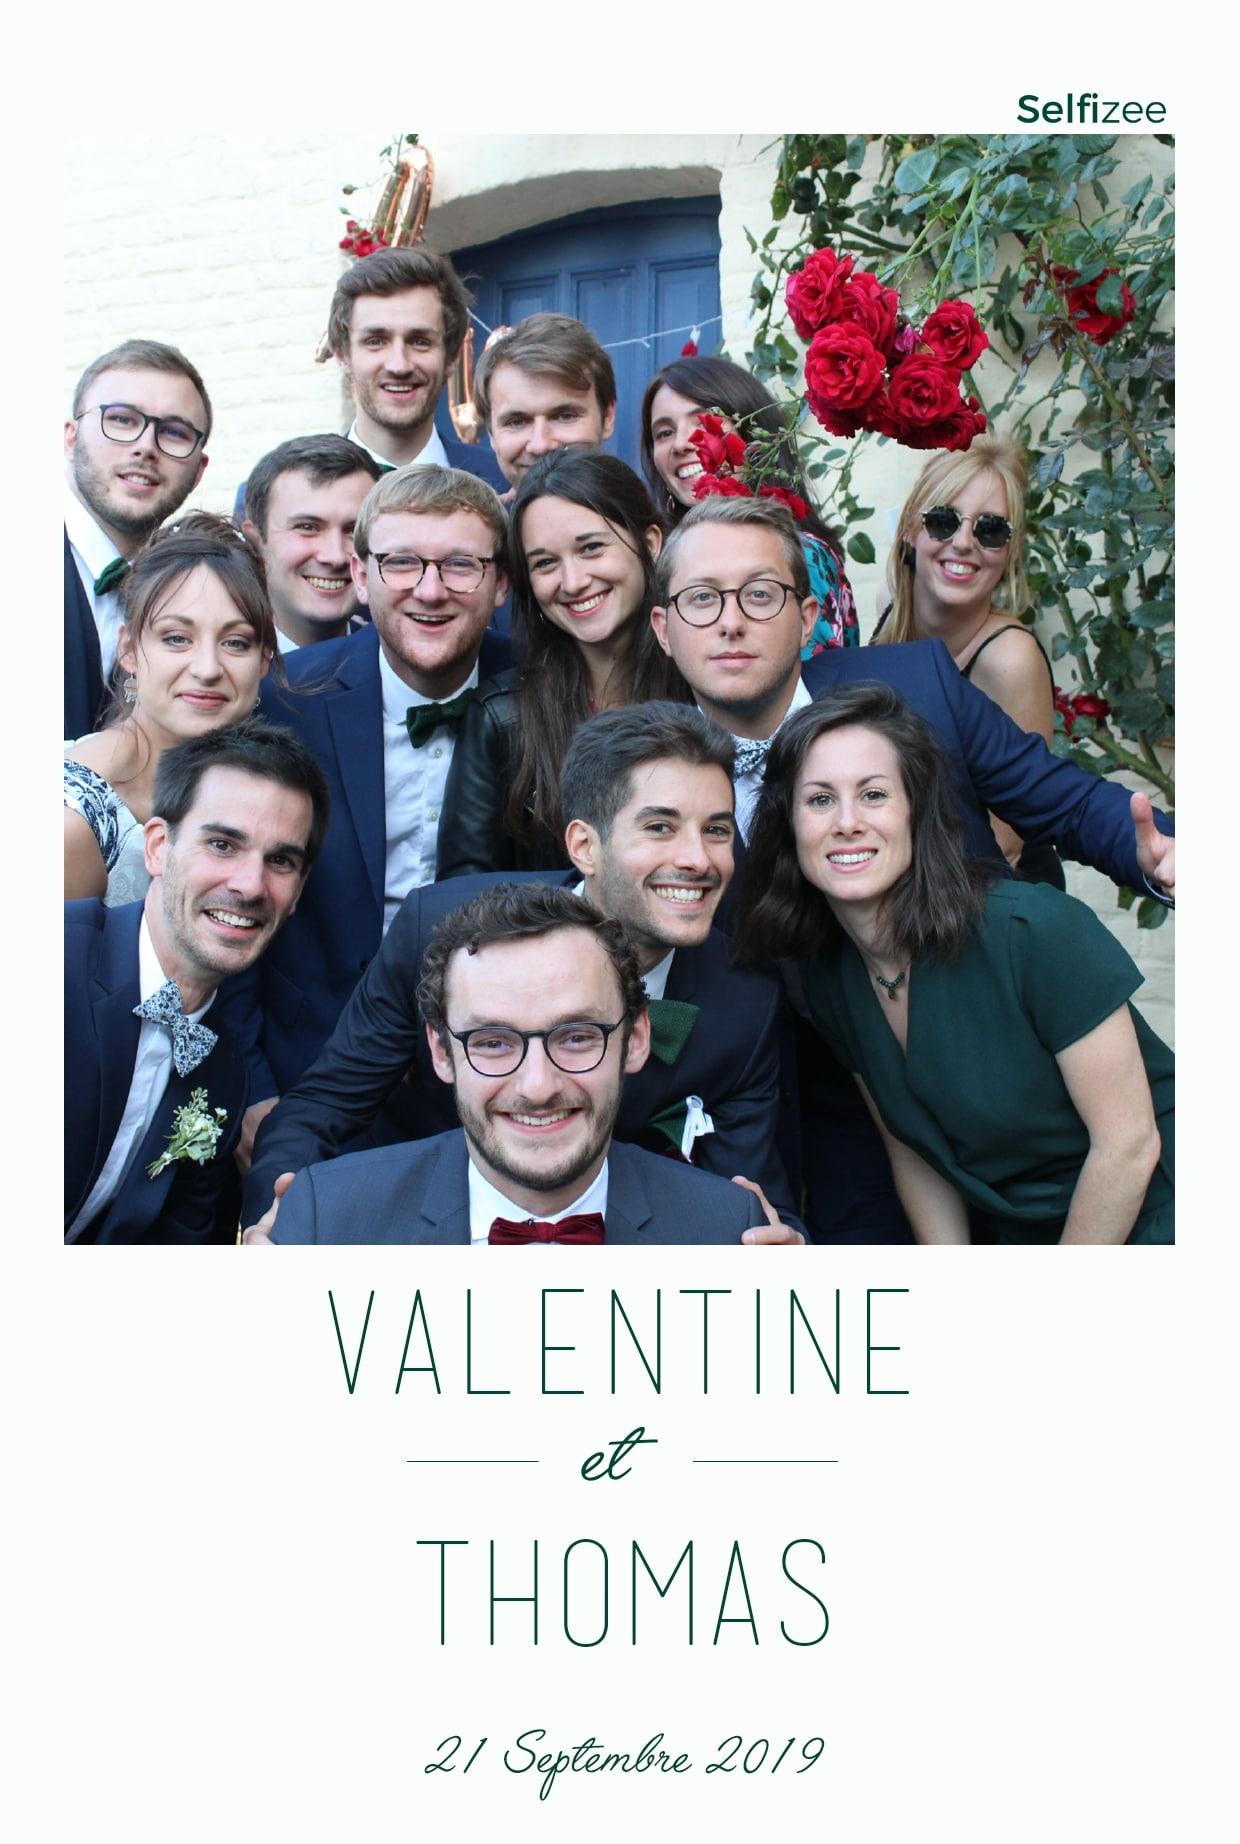 Animation photo mariage Lille avec borne selfie à louer mariage Lille / Nord pour photos personnalisées